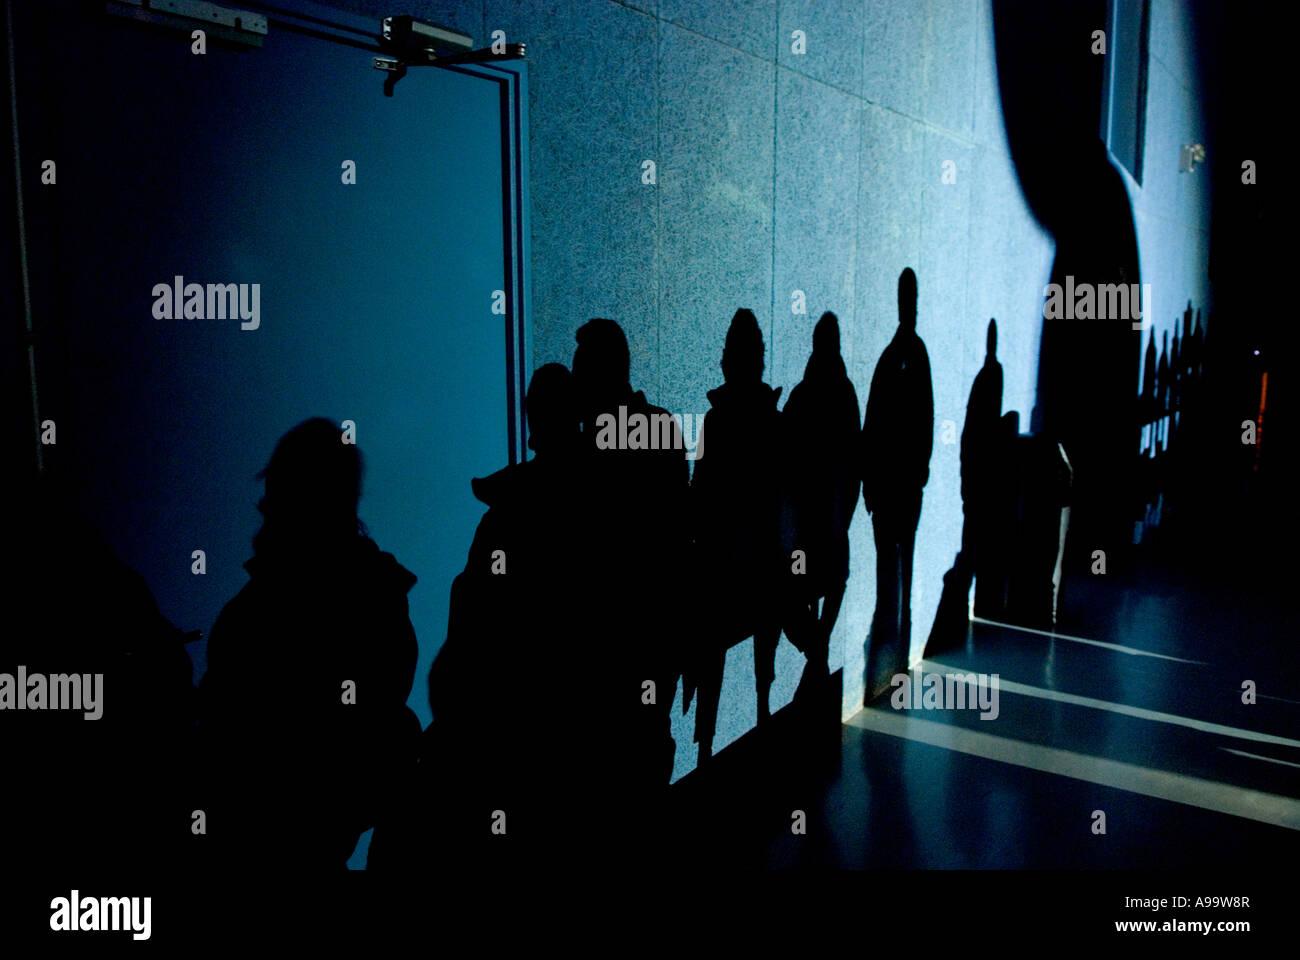 439 eine Linie von voller Länge Schatten von Menschen an einer Wand Stockbild